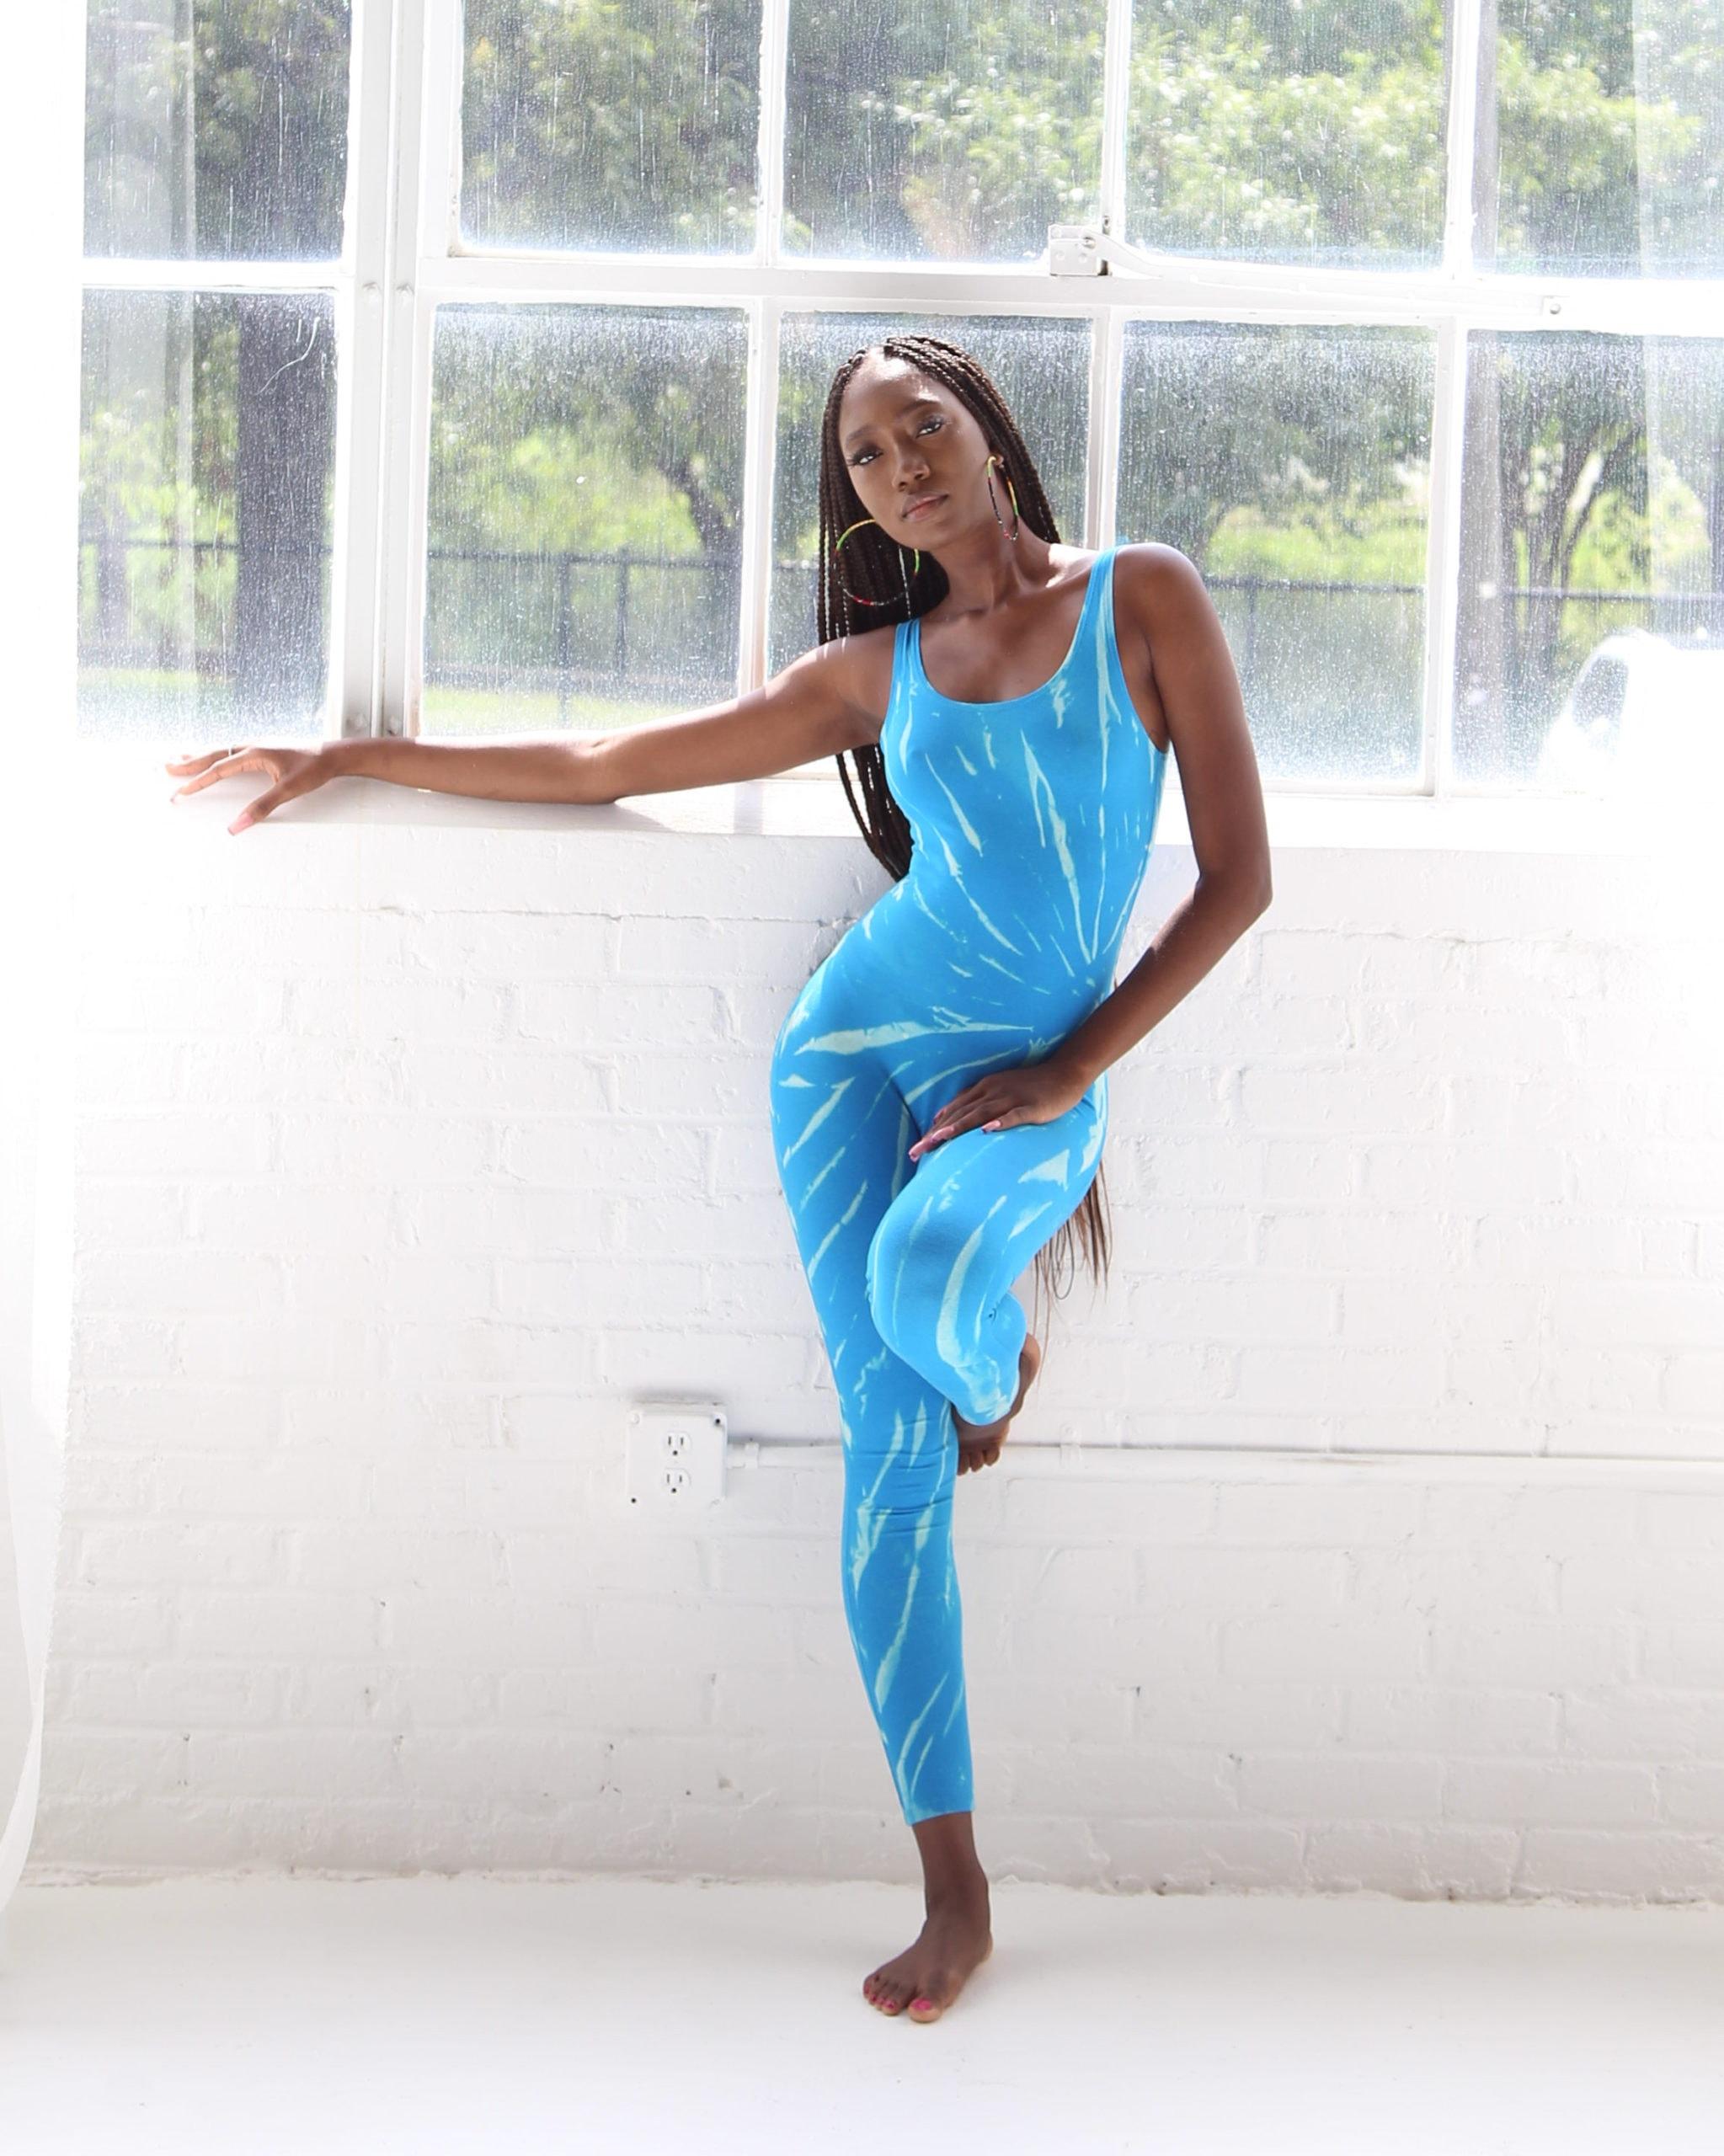 Thotsuit tie-dye jumper in blue